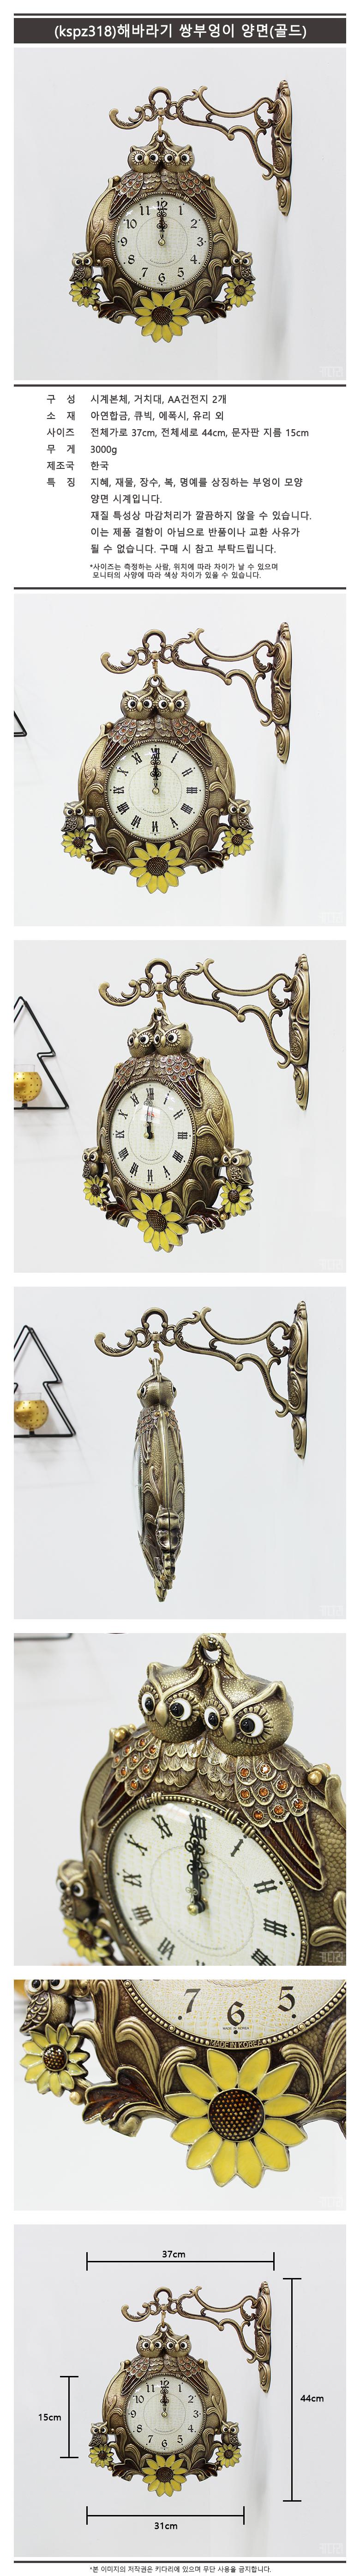 (kspz318)해바라기 쌍부엉이 양면(골드) 182,000원-키다리인테리어, 시계, 양면시계, 앤틱바보사랑 (kspz318)해바라기 쌍부엉이 양면(골드) 182,000원-키다리인테리어, 시계, 양면시계, 앤틱바보사랑